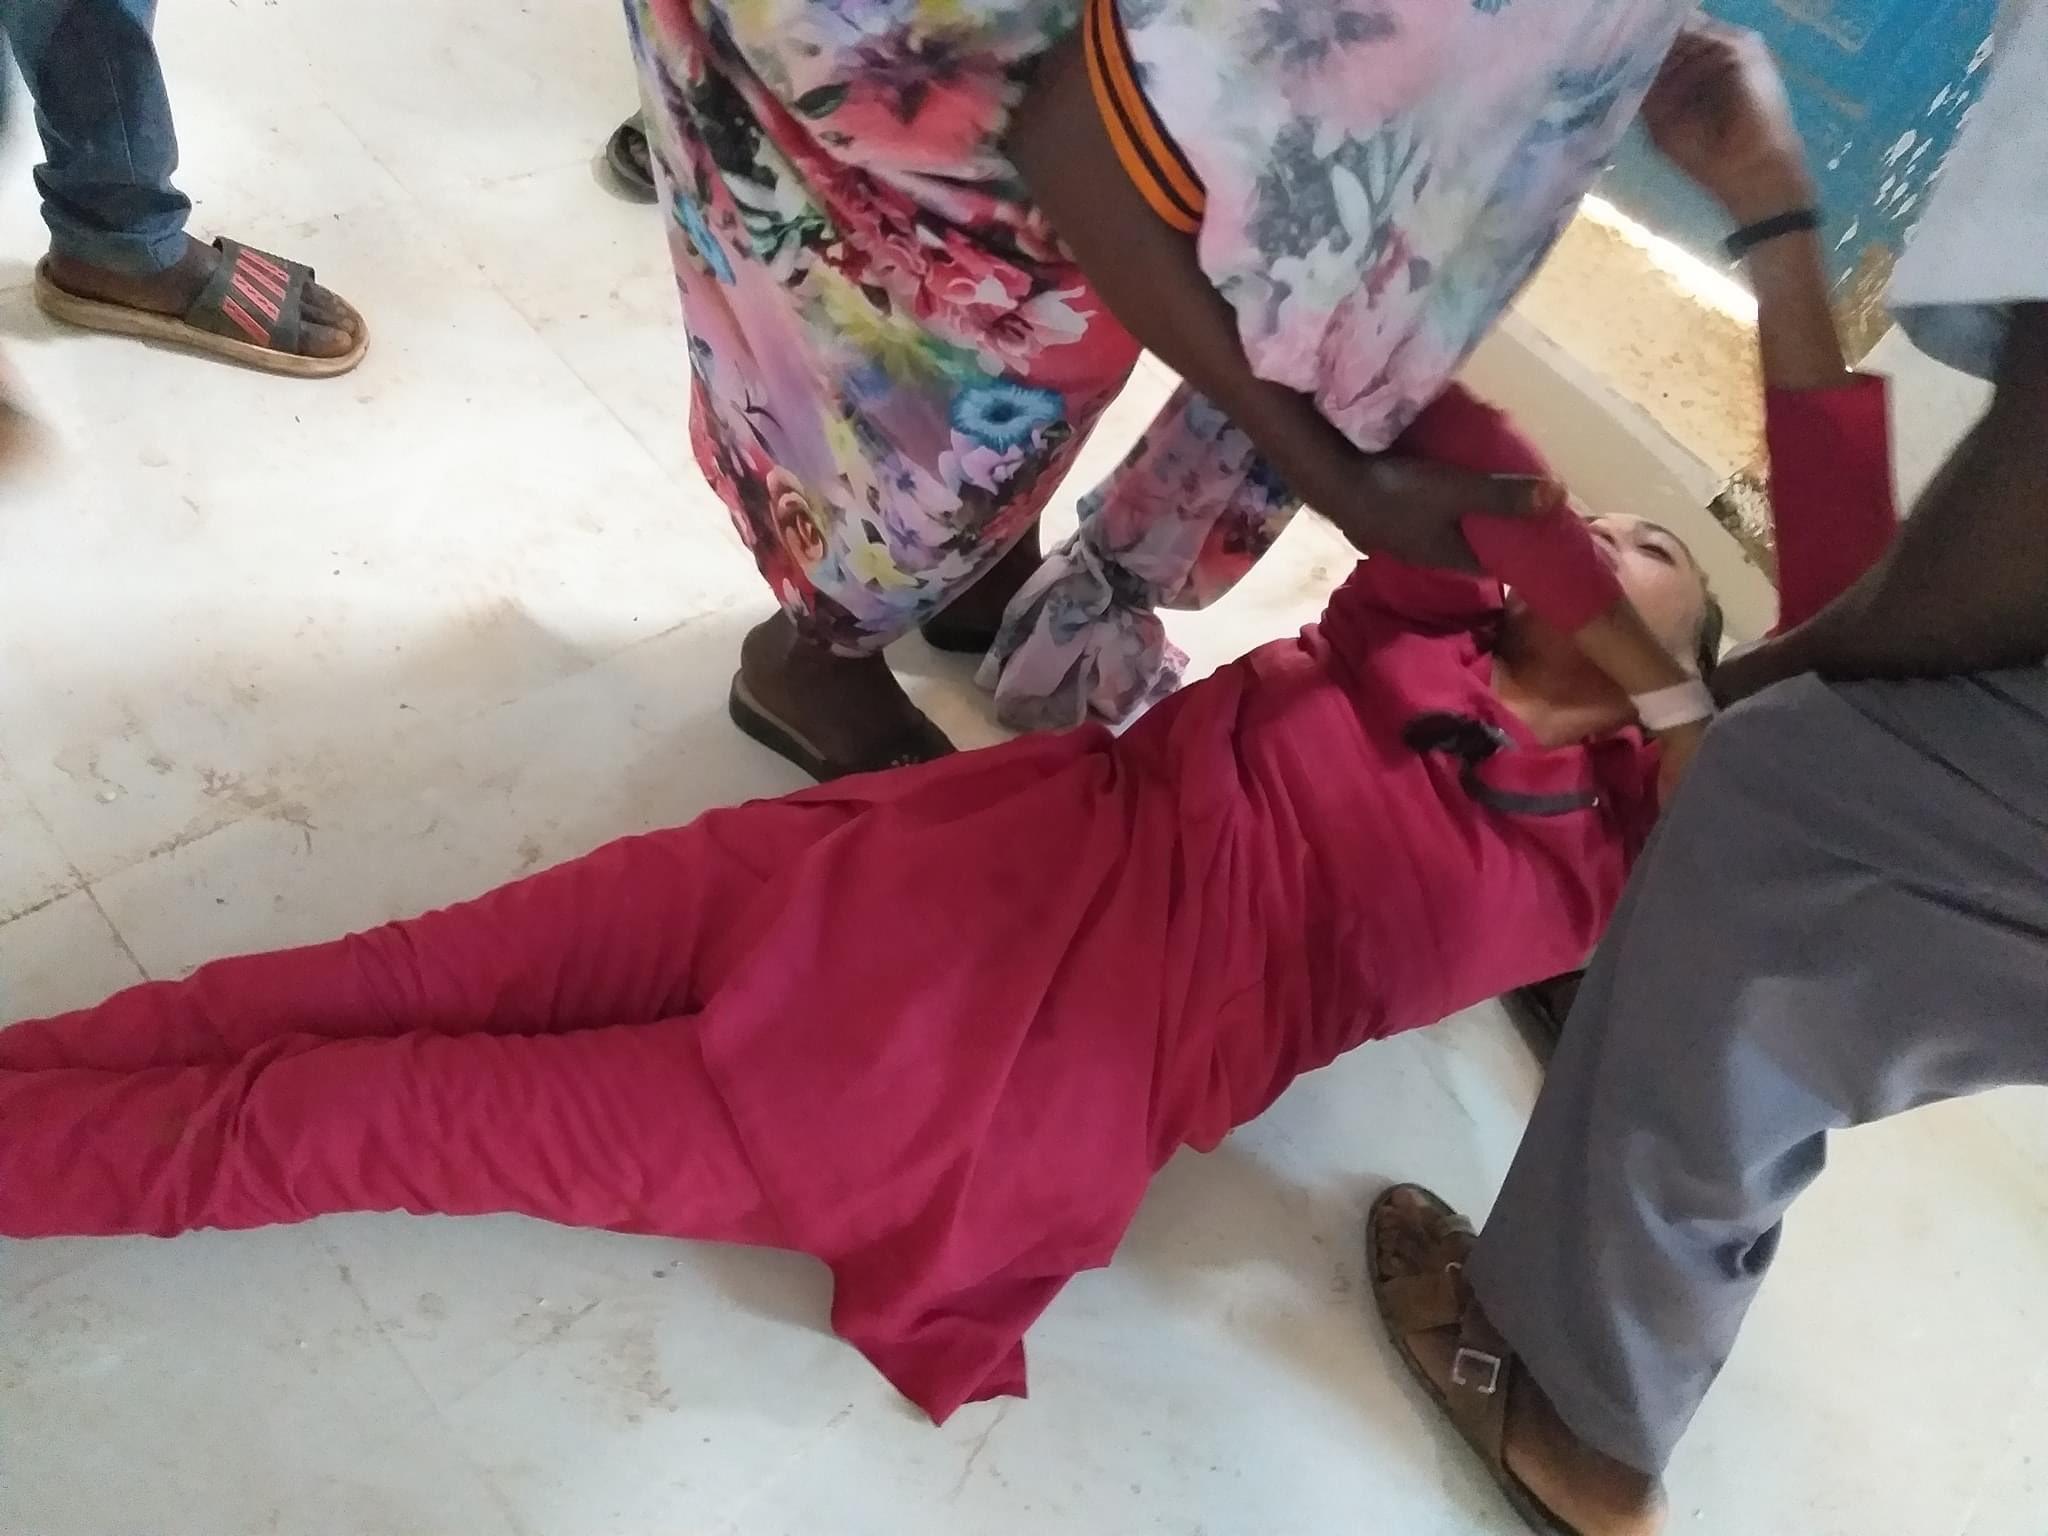 إصابة (27) طالبا وإعتقال (6) آخرين في تفريغ مظاهرات بوسط دارفور